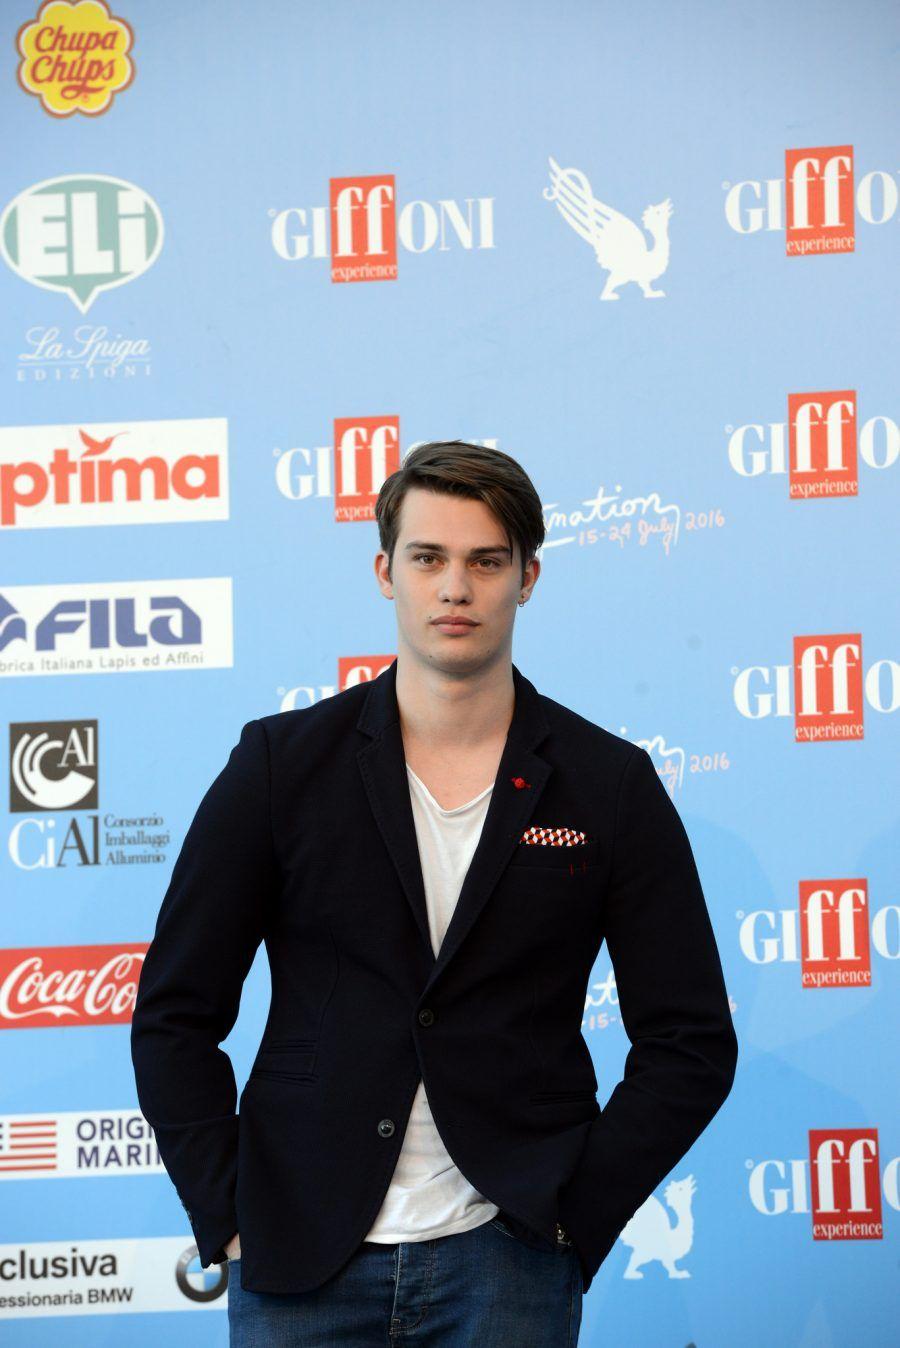 Nicholas Galitzine ospite al Giffoni Film Festival 2016